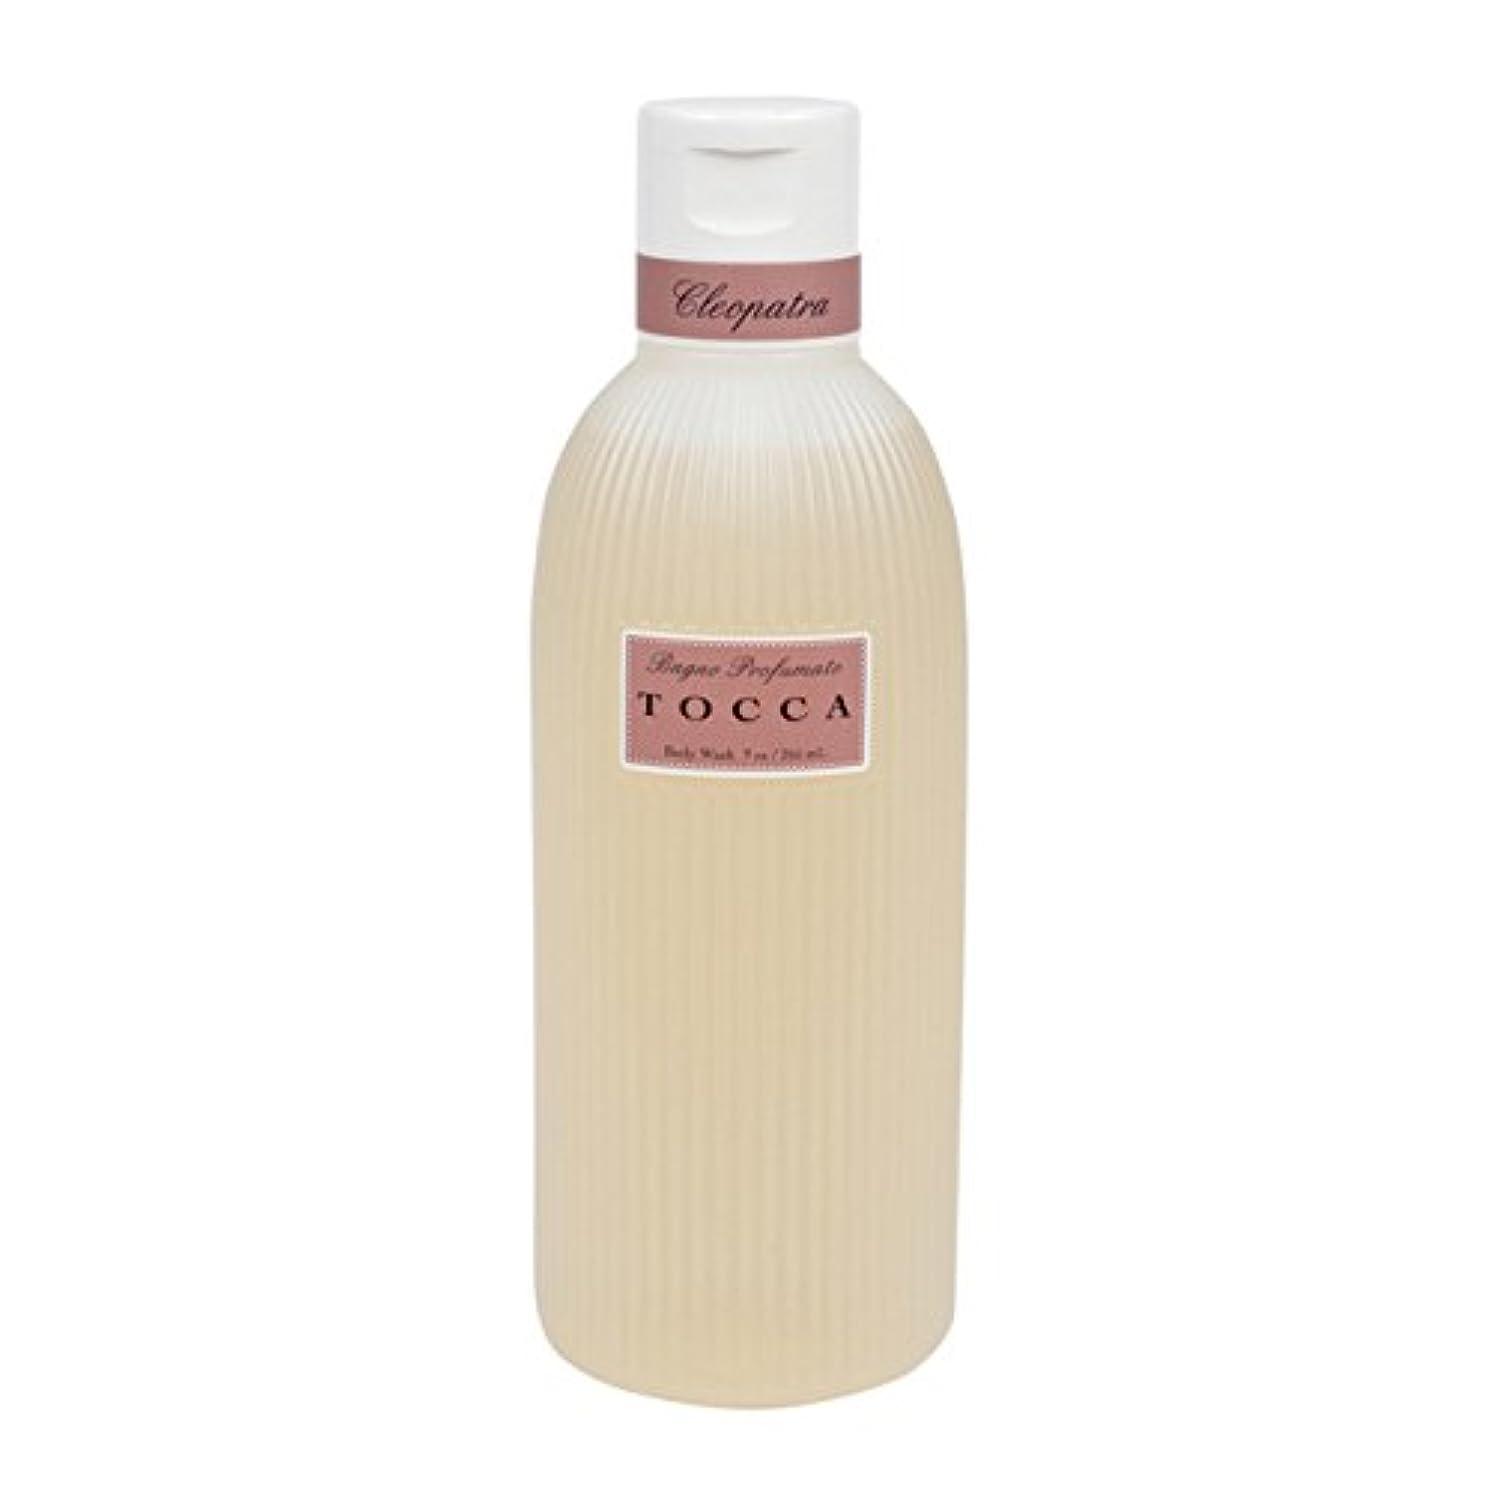 懇願する石油粘液トッカ(TOCCA) ボディーケアウォッシュ クレオパトラの香り 266ml(全身用洗浄料 ボディーソープ グレープフルーツとキューカンバーのフレッシュでクリーンな香り)